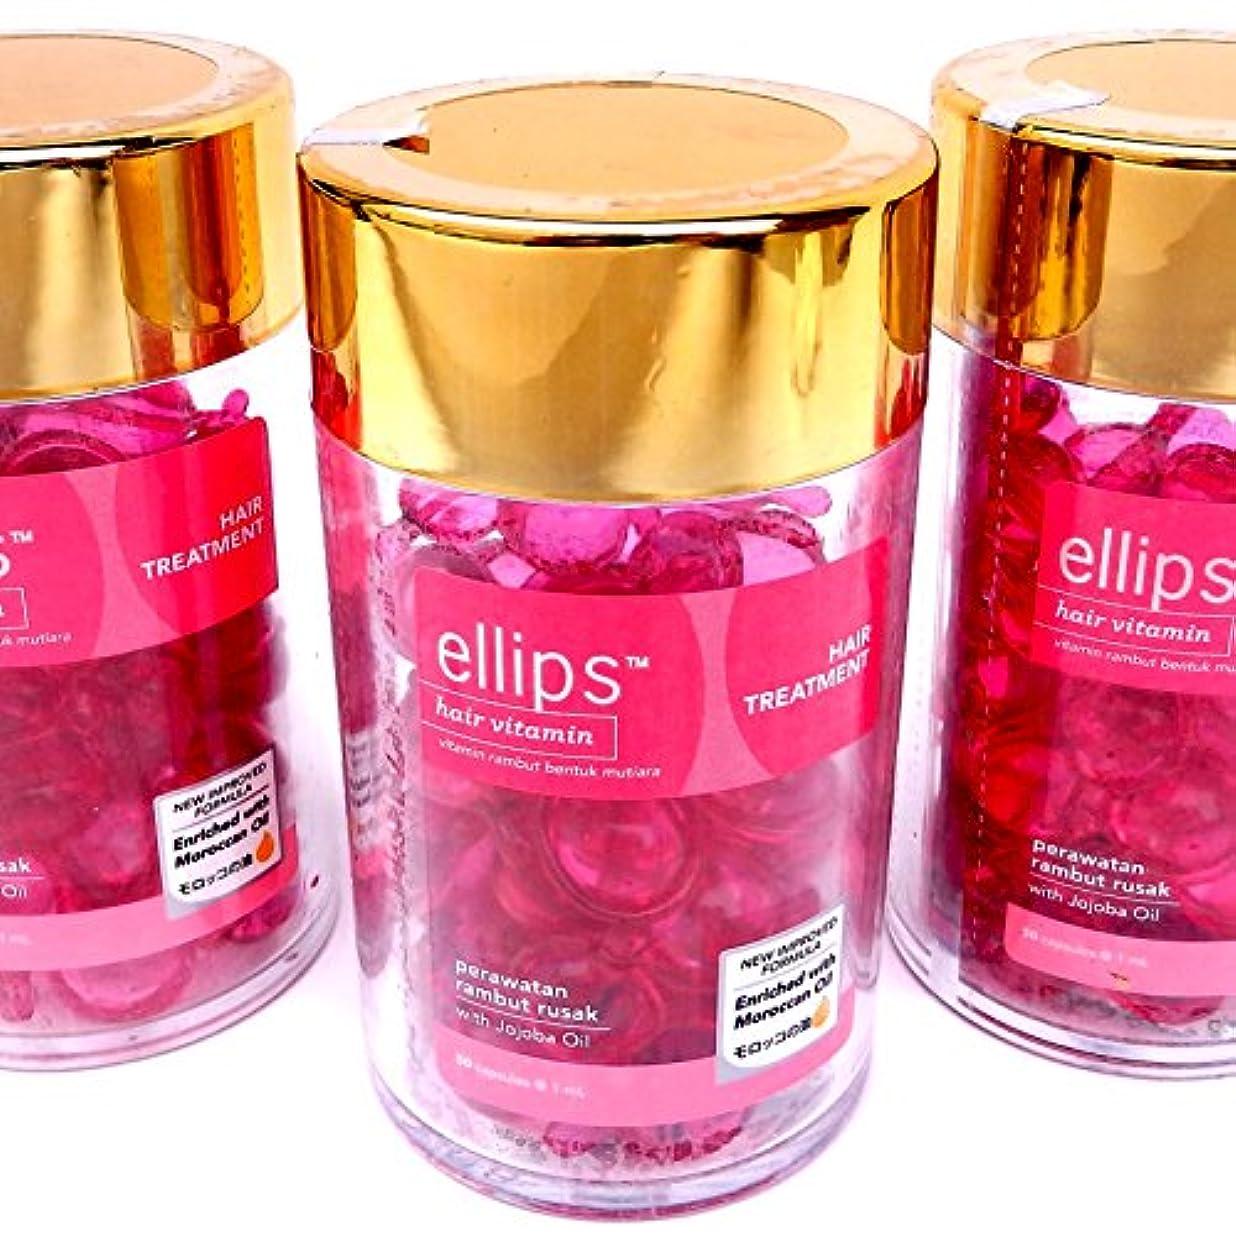 洞窟イブランダムエリプス(Ellips) ヘアビタミン ピンク ボトル(50粒入)× 3 個セット[並行輸入品]